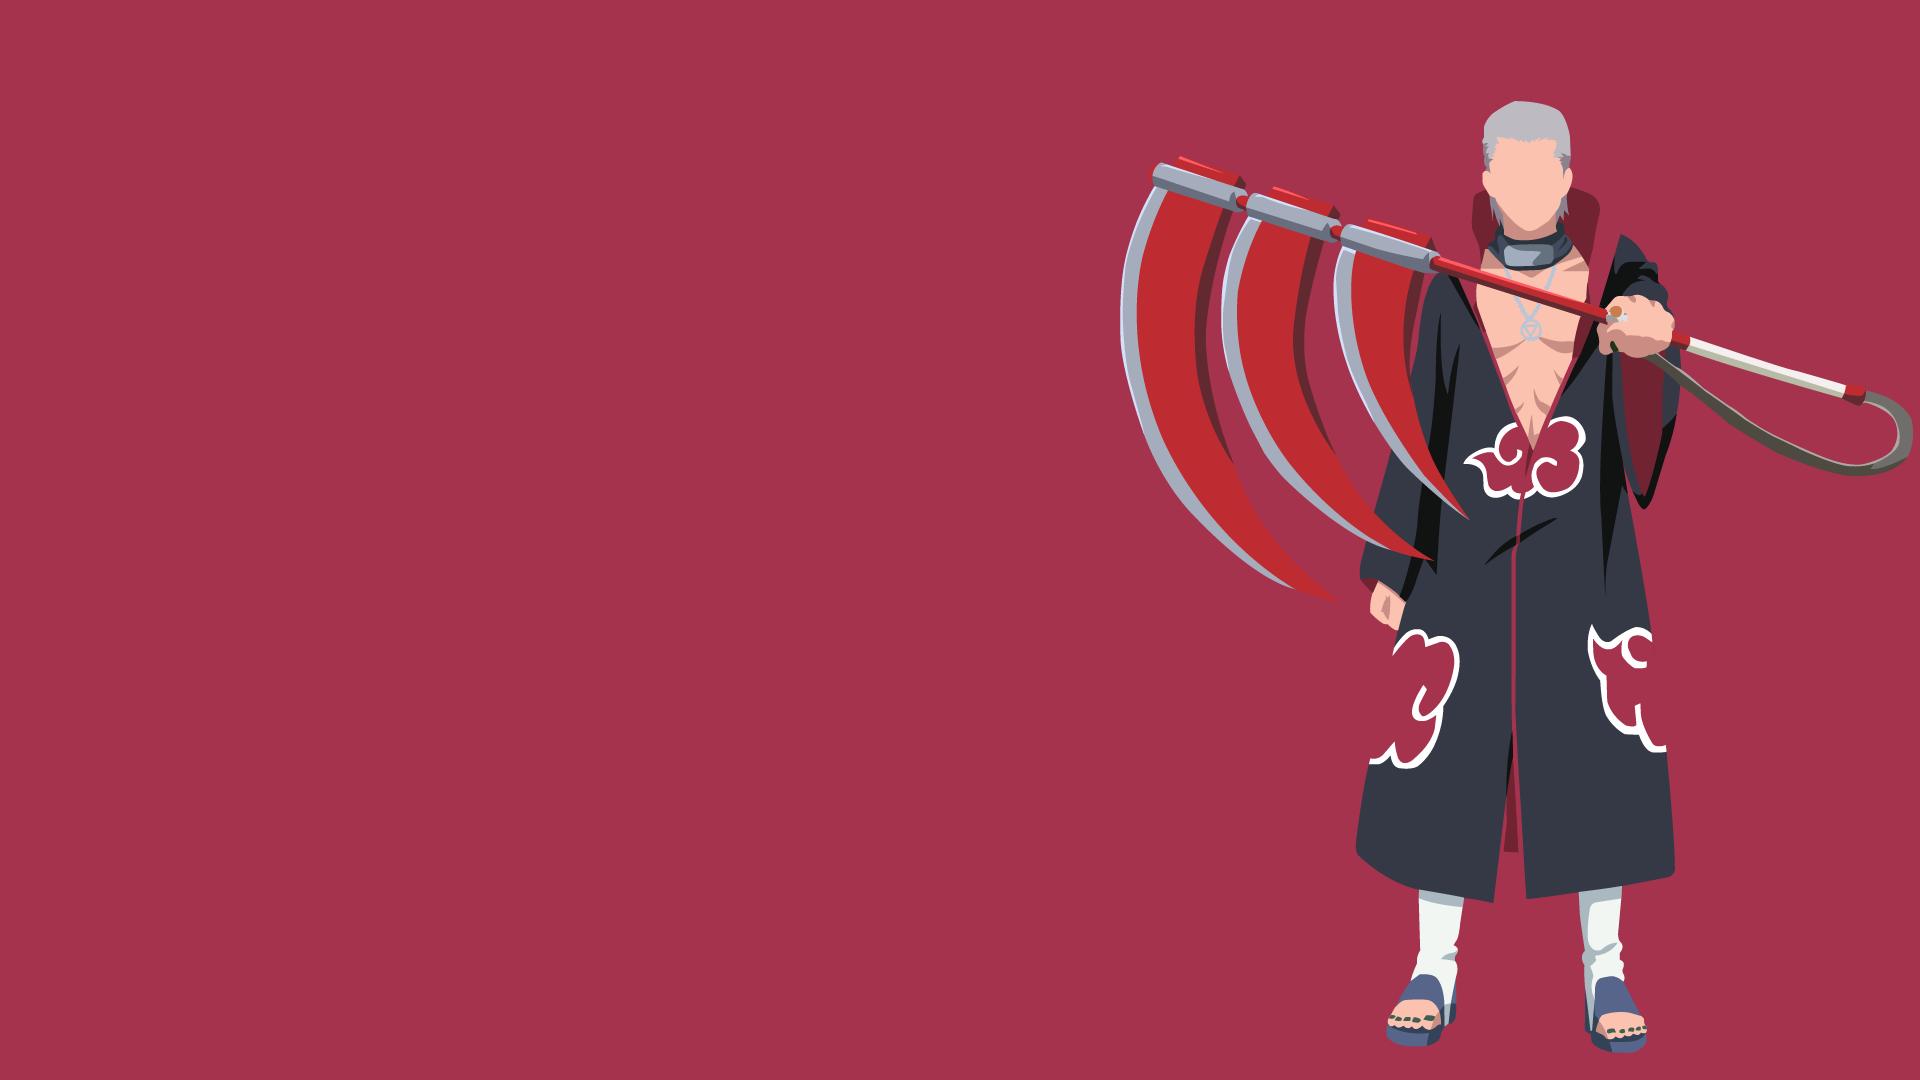 Must see Wallpaper Naruto Akatsuki - hidan___akatsuki___naruto_shippuden_by_uzumakiash-d9l9opf  HD_70210.png